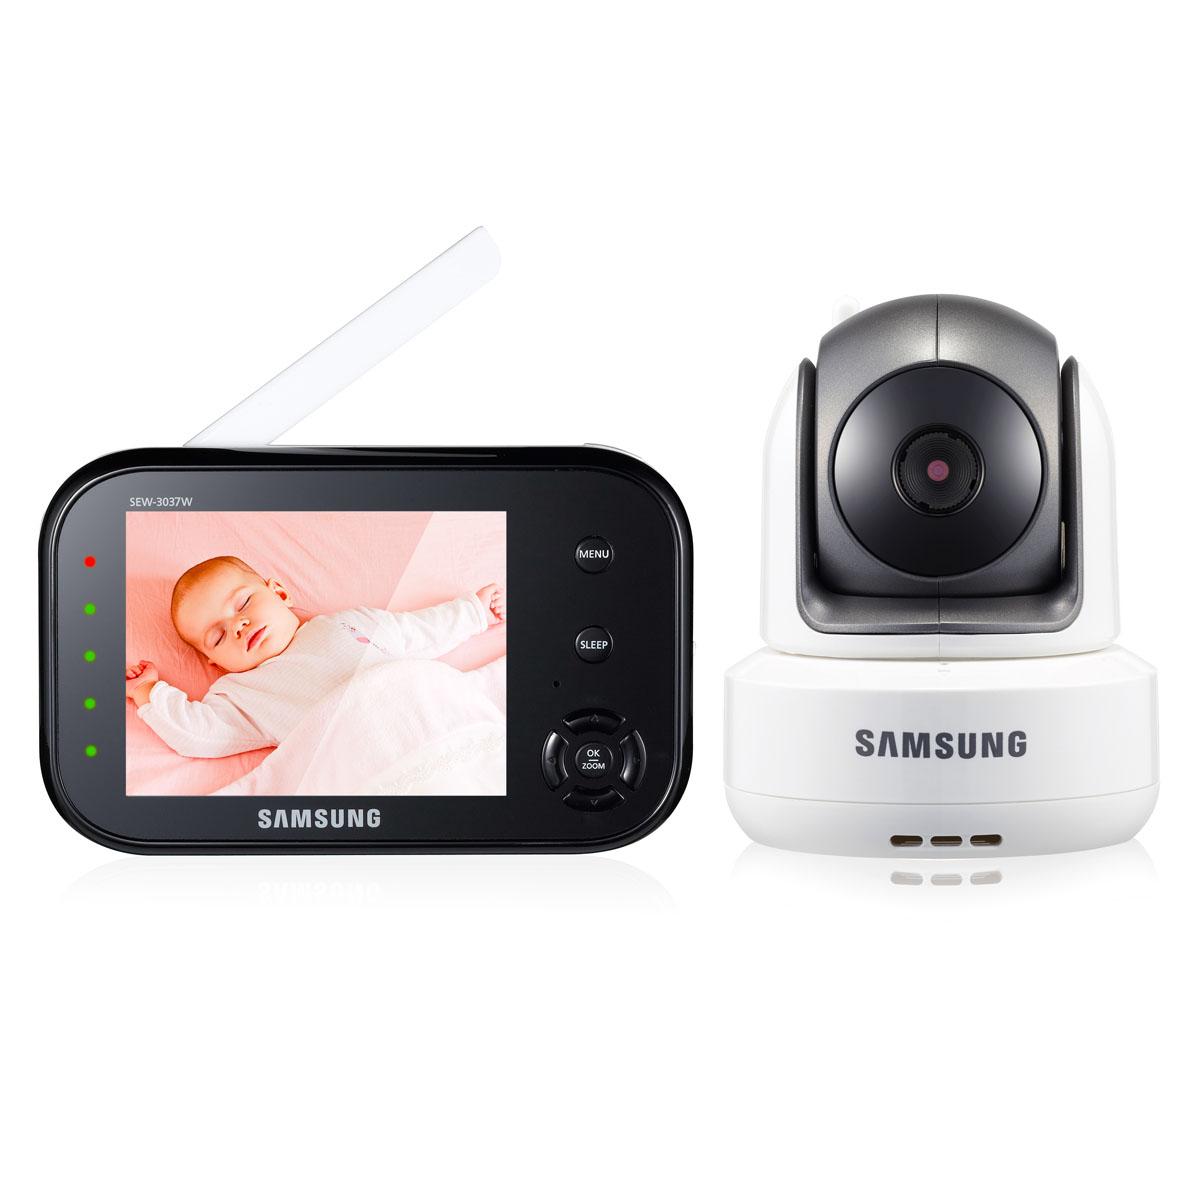 Samsung Видеоняня SEW-3037WPSEW-3037WPЦифровая, дальность до 300 м. Поворотна камера. Дисплей 9 см (3,5 дюймов). Двухсторонняя связь, ночное видение, VOX (активация при плаче), цифровой зум, система защиты от помех, индикатор громкости плача. Кнопка Sleep для отключения дисплея и сохранения энергии.